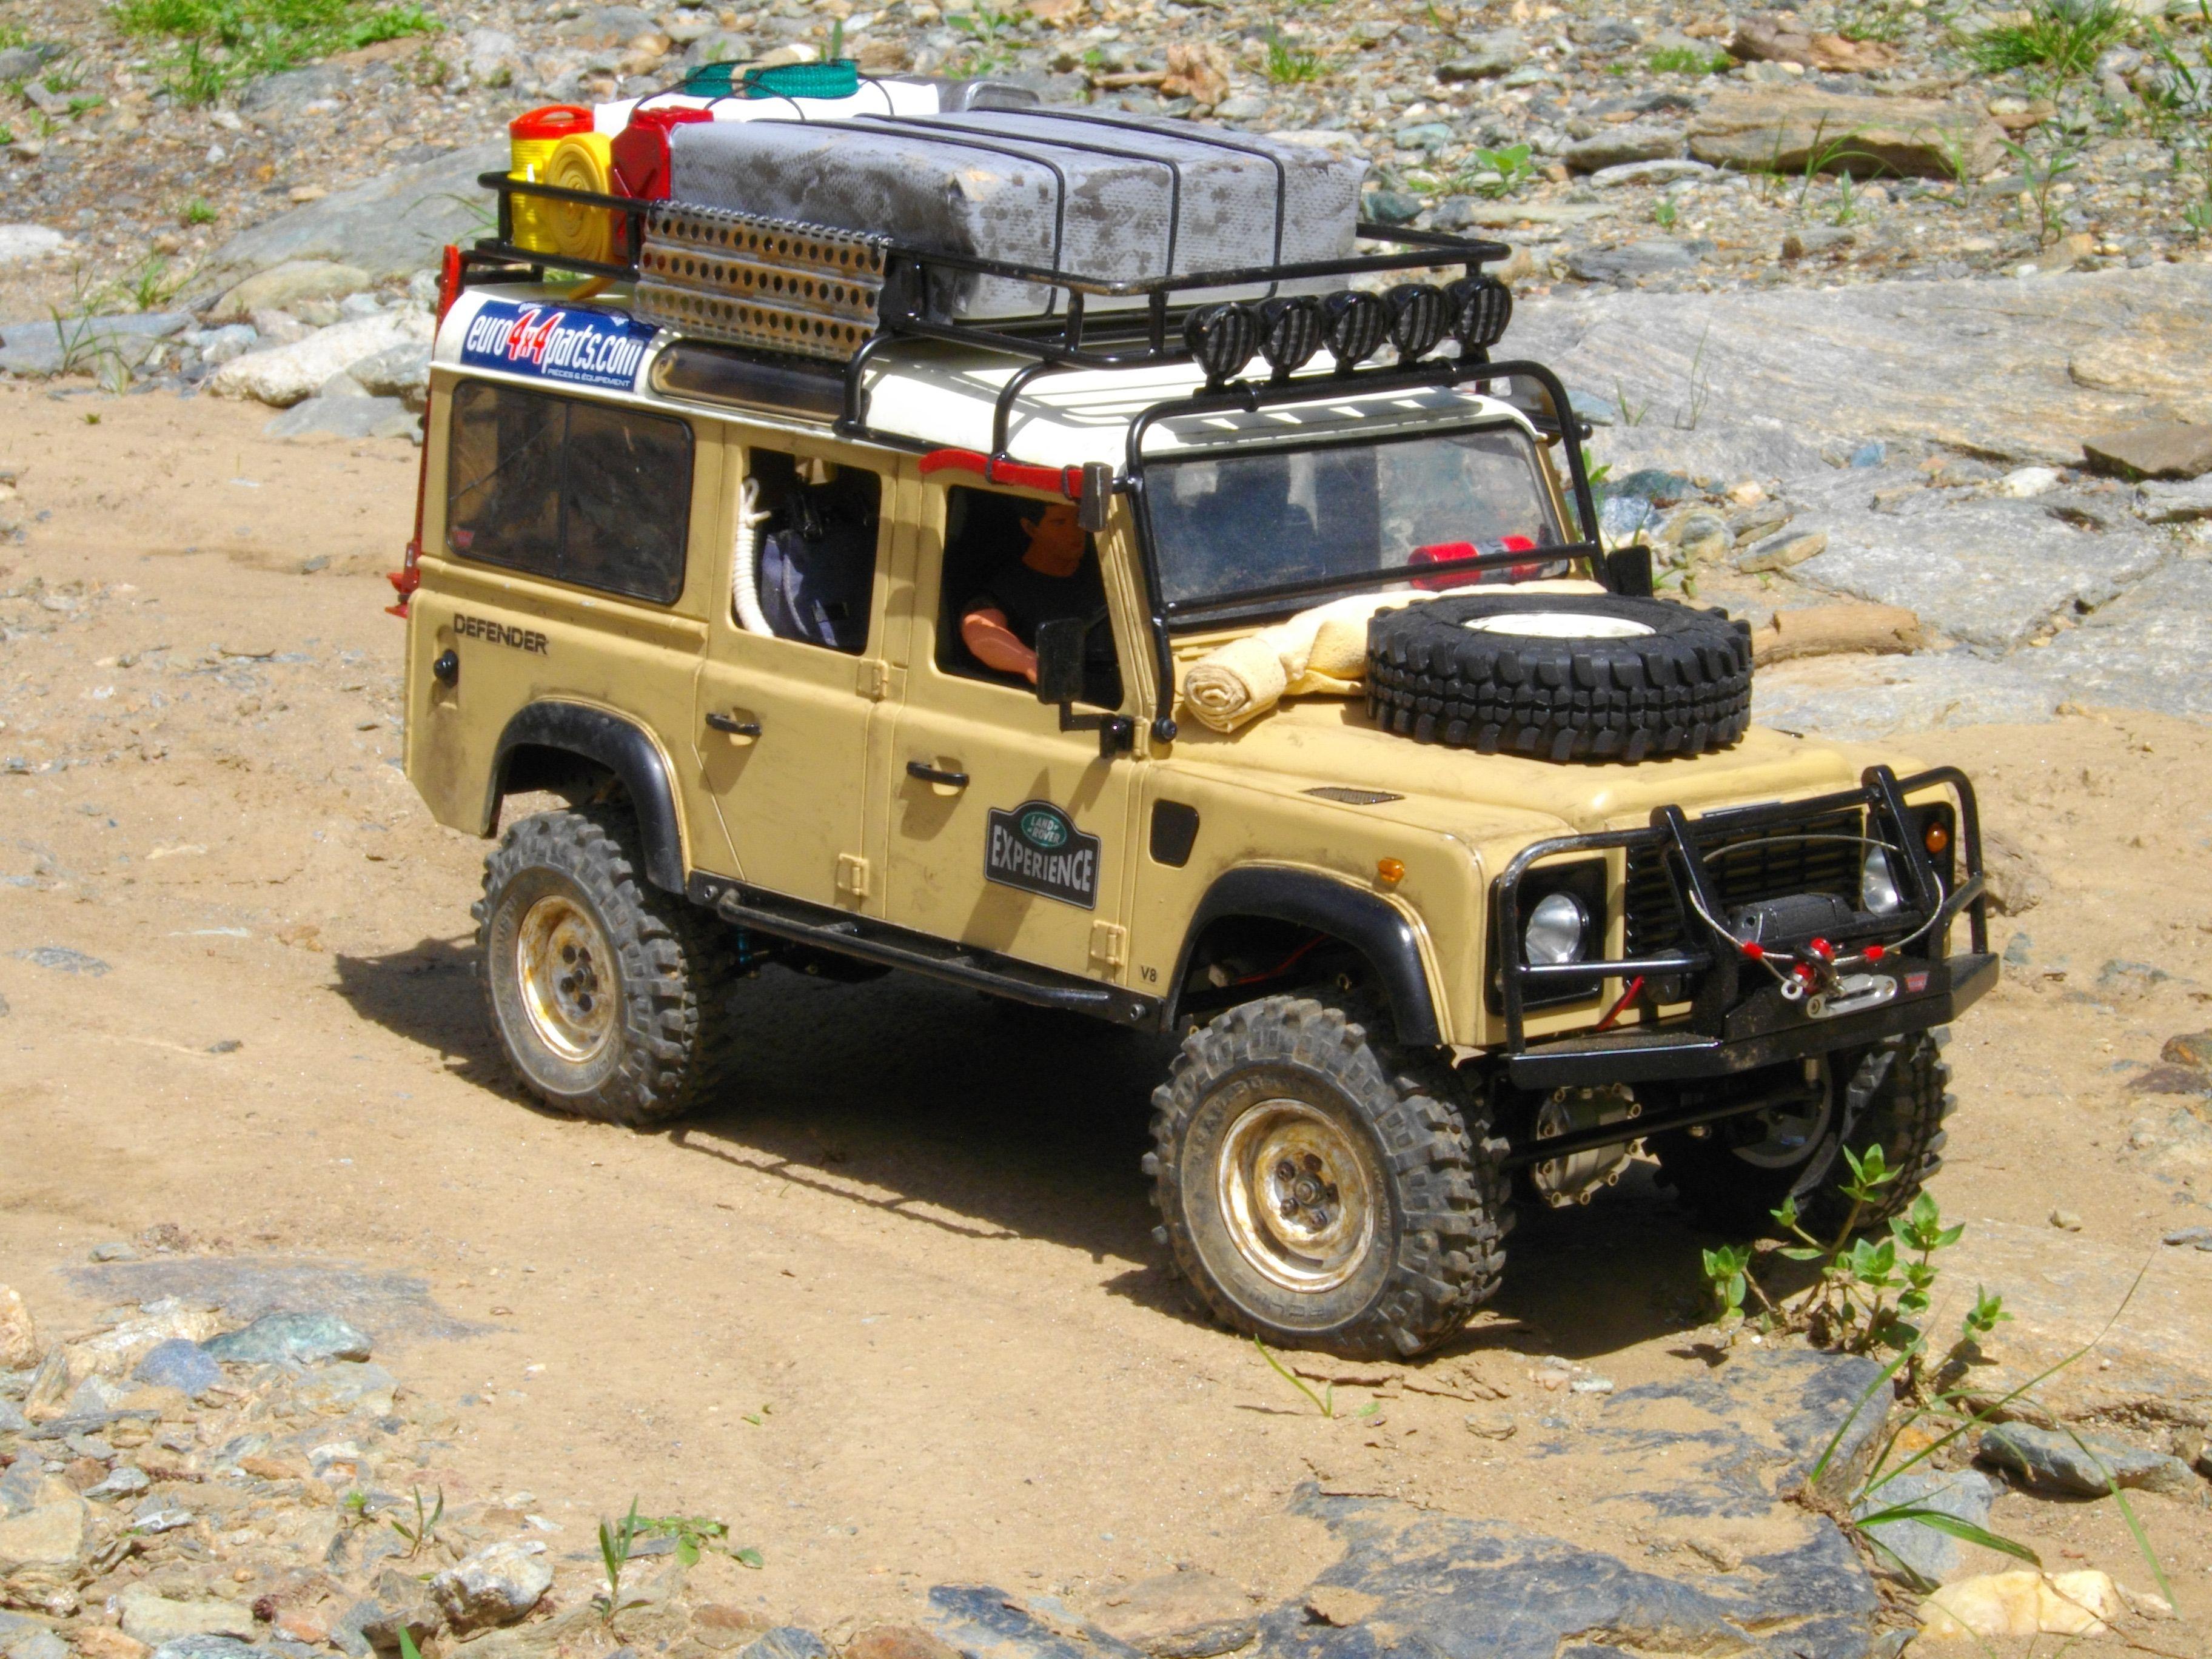 gel nde 1 10 scale defender d110 vehicle kit [ 3648 x 2736 Pixel ]